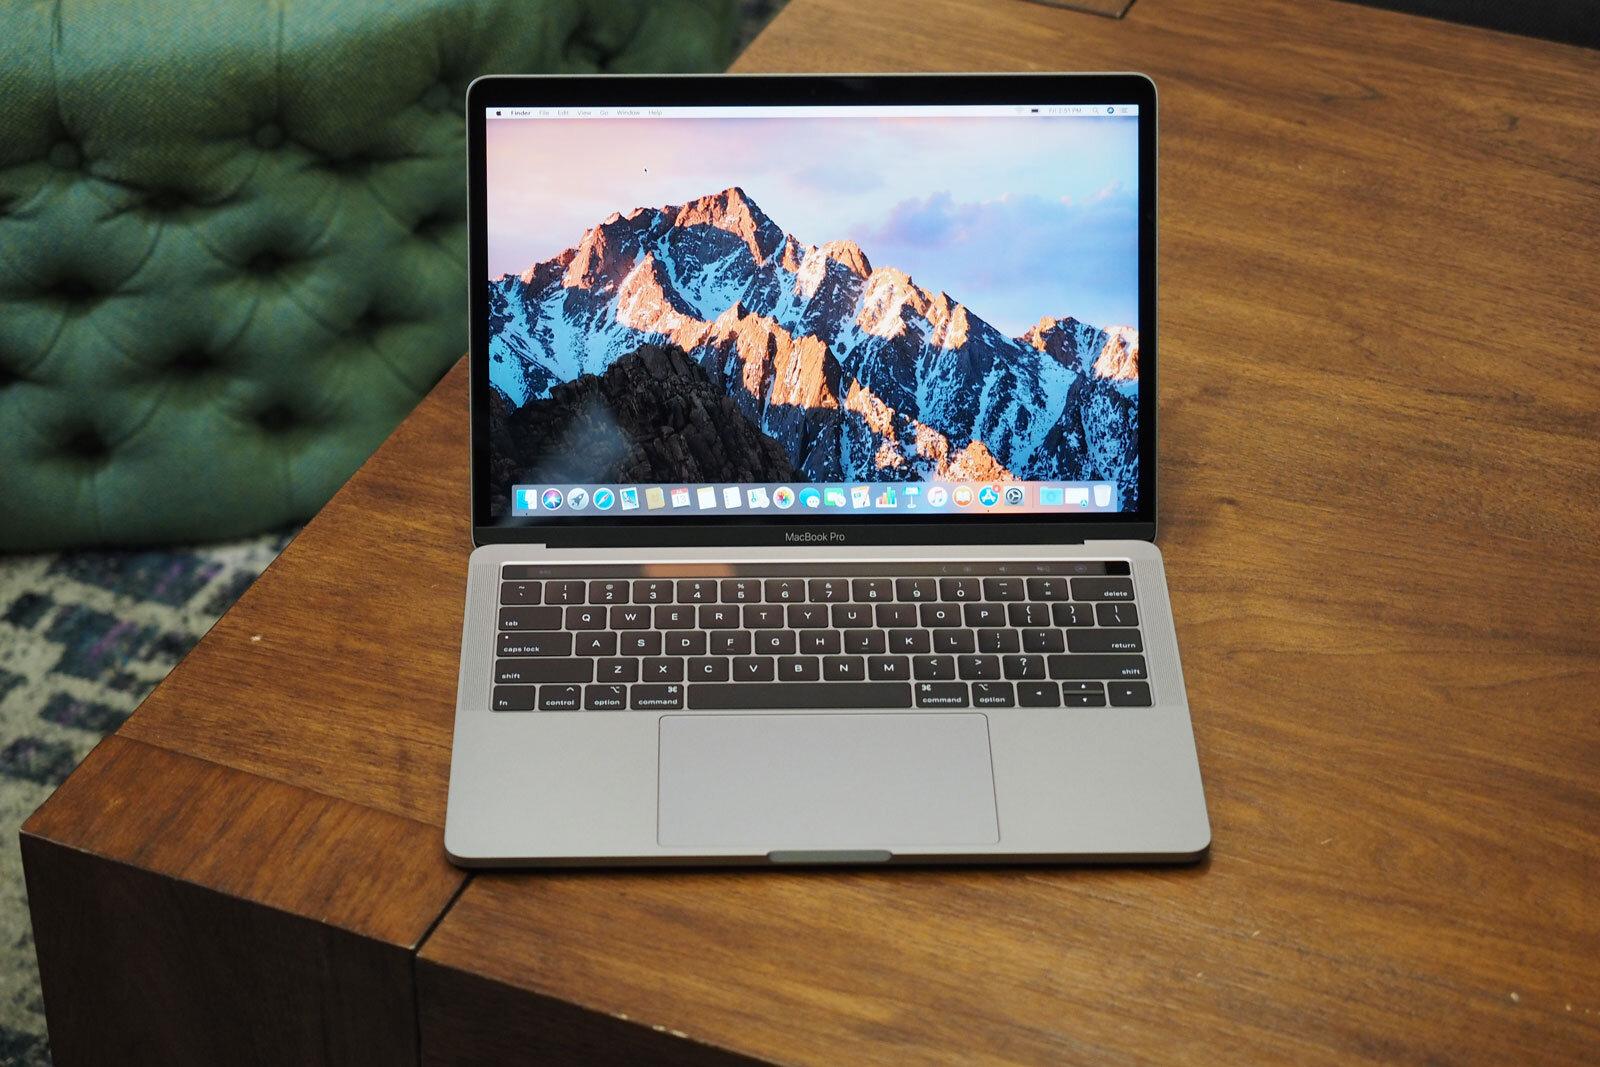 Macbook Pro - Chiếc laptop được dân thiết kế ưa chuộng từ hãng Apple